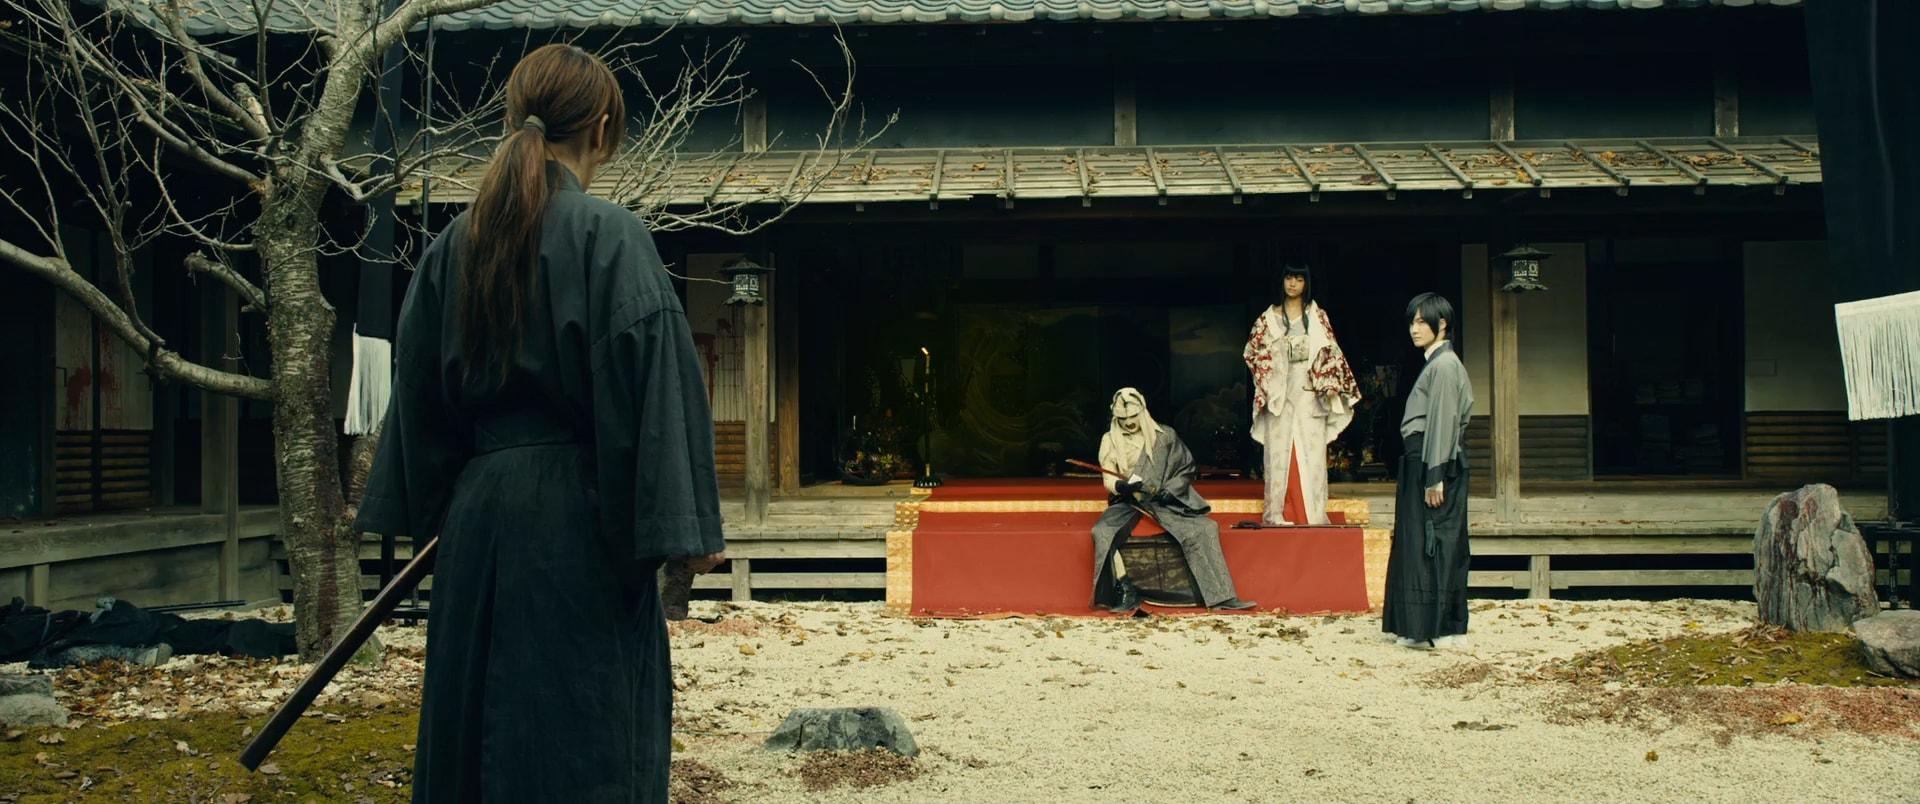 Rurouni Kenshin 2 Samurai X: Kioto en Llamas ∙ El Guerrero Samurái 2: Infierno en Kioto ∙ Rurouni Kenshin: Kyoto Taika Hen ∙ Rurouni Kenshin:The Great Kyoto Fire Arc ∙ Rurouni Kenshin: Kyoto Inferno